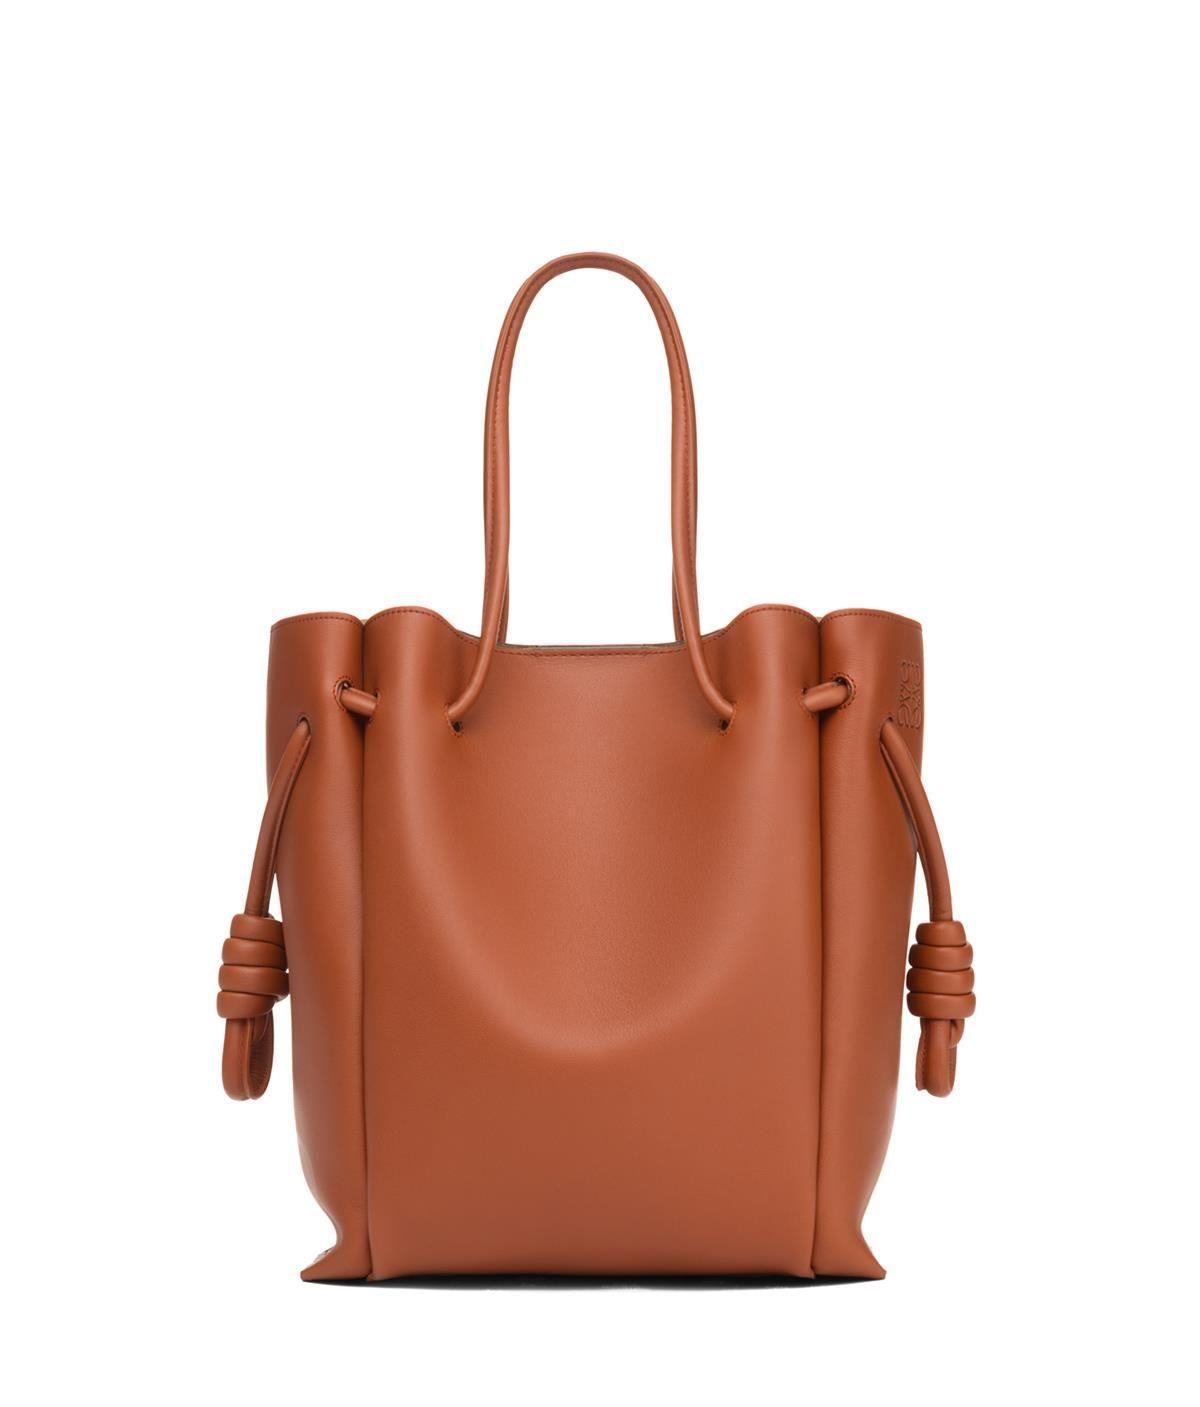 8242db4cff01 Flamenco Knot Tote Small Bag Rust Color - LOEWE